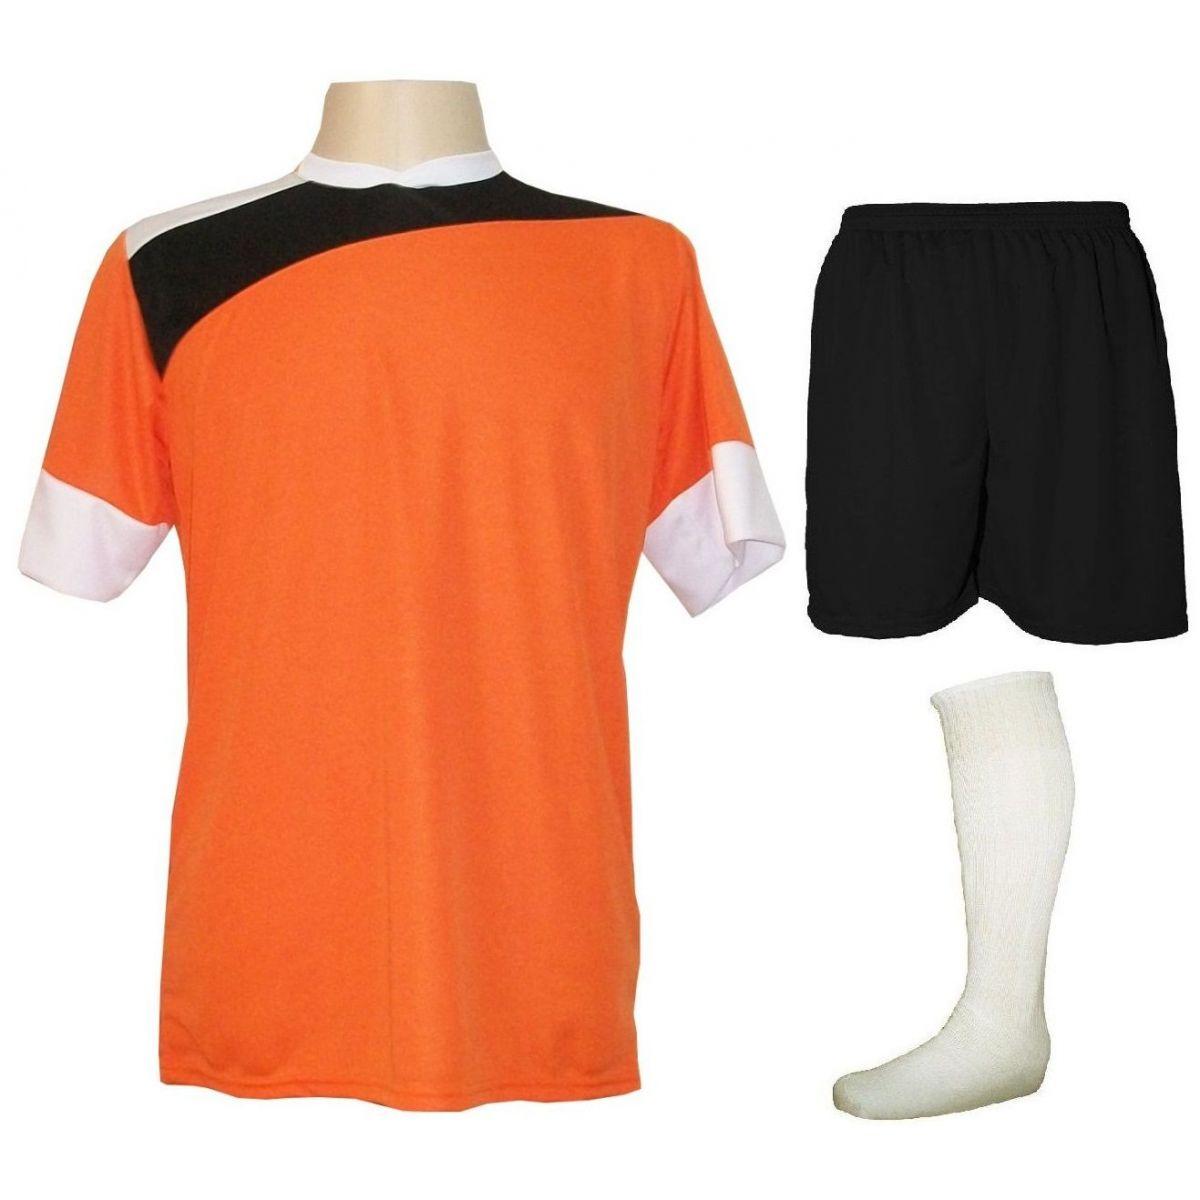 Uniforme Esportivo Completo modelo Sporting 14+1 (14 camisas Laranja/Preto/Branco + 14 calções Madrid Preto + 14 pares de meiões Brancos + 1 conjunto de goleiro) + Brindes